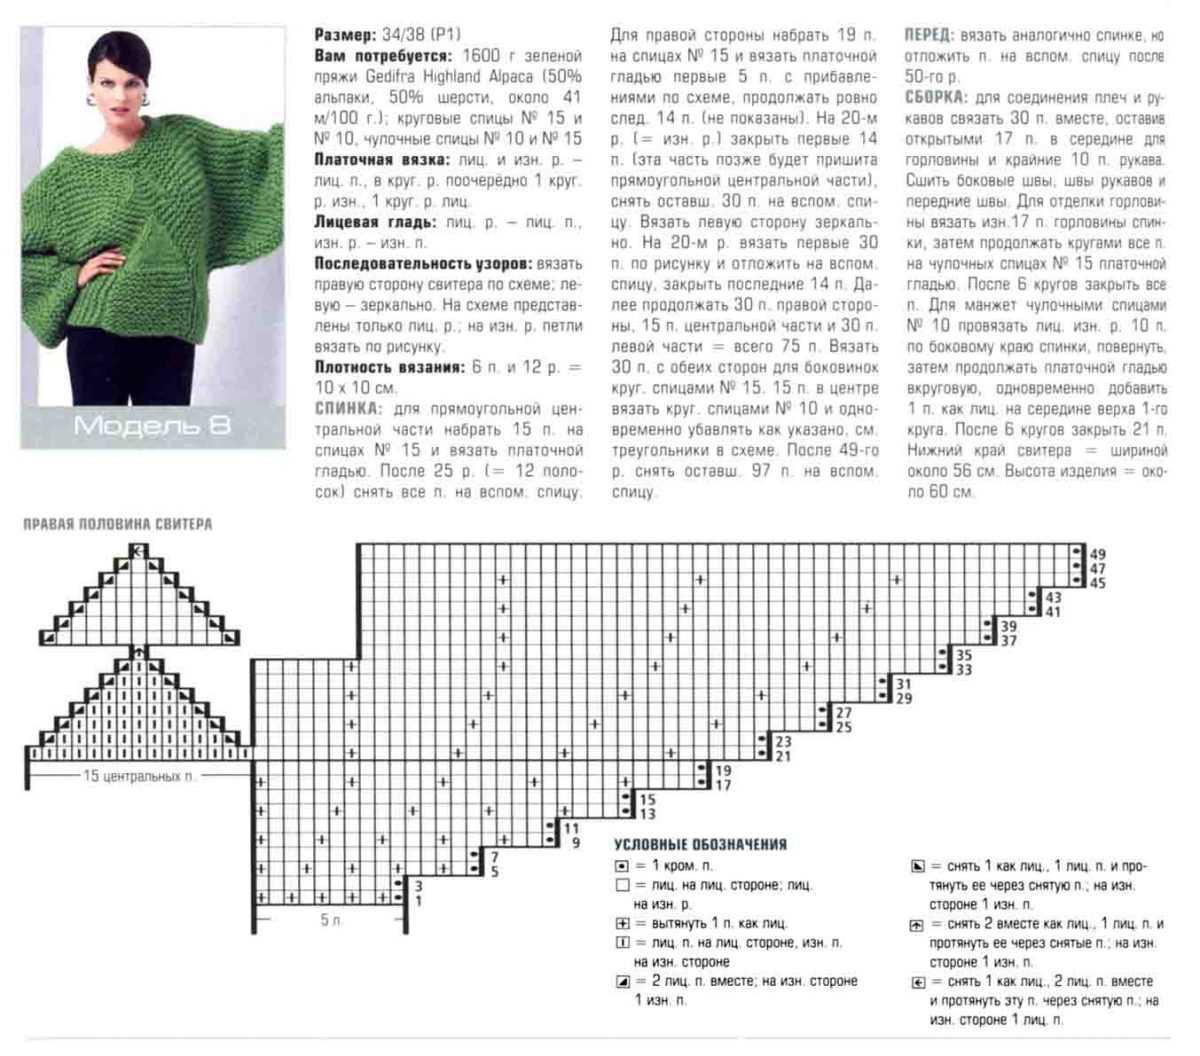 Вязание крючком схемы для начинающих с подробным описанием 89